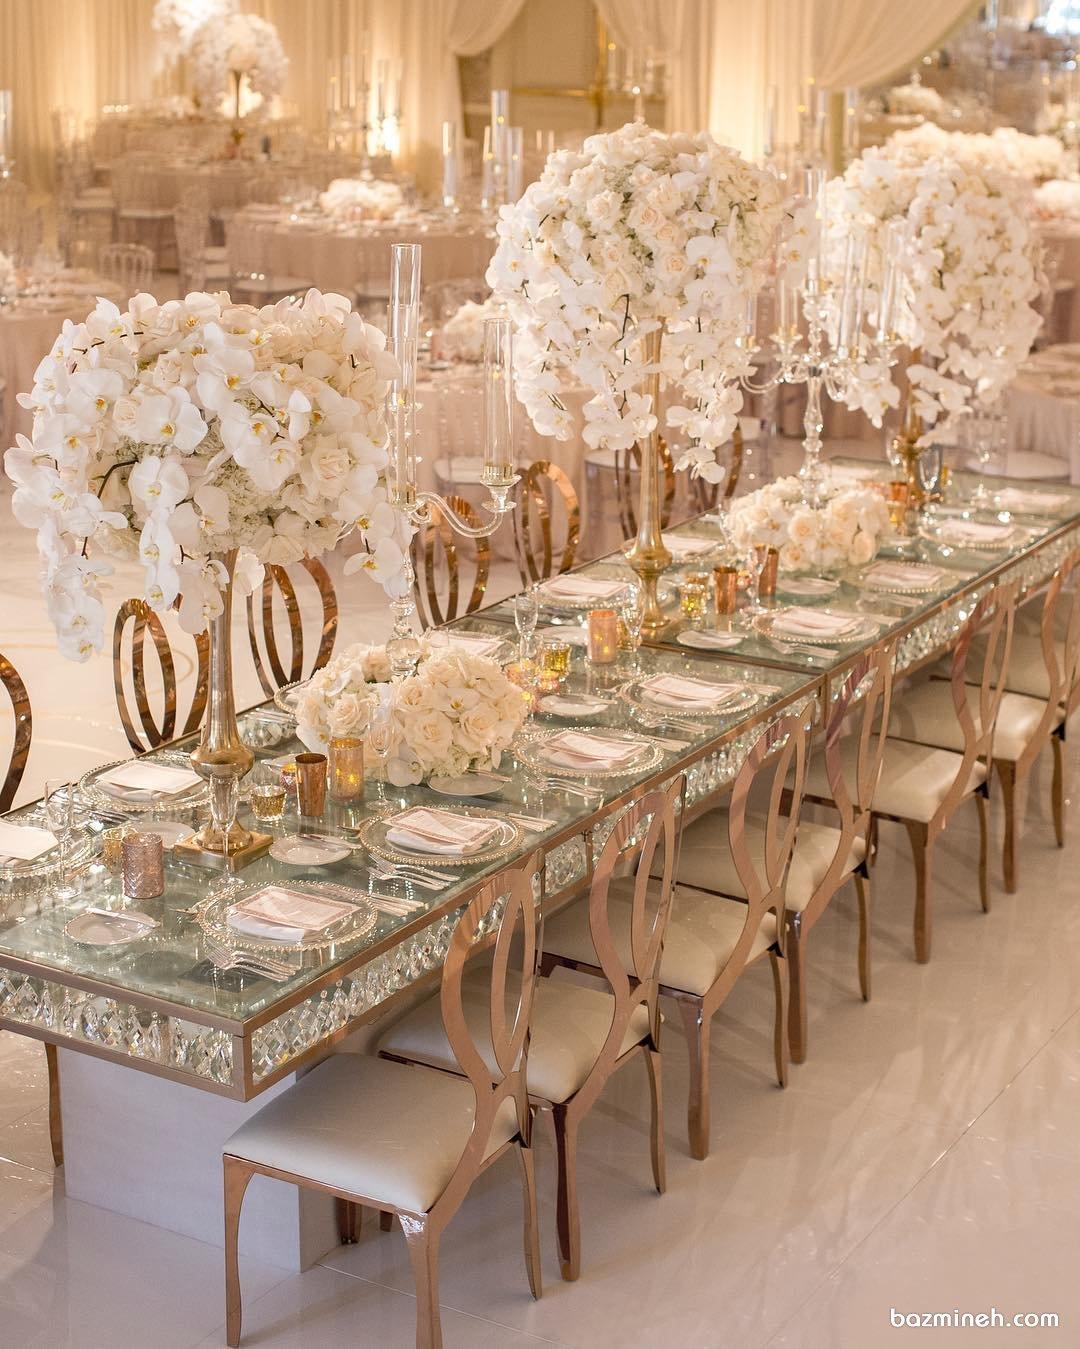 دکوراسیون شیک مجالس باشکوهی چون جشن عروسی همراه با میزآرایی شیک با گل های ارکیده سفید